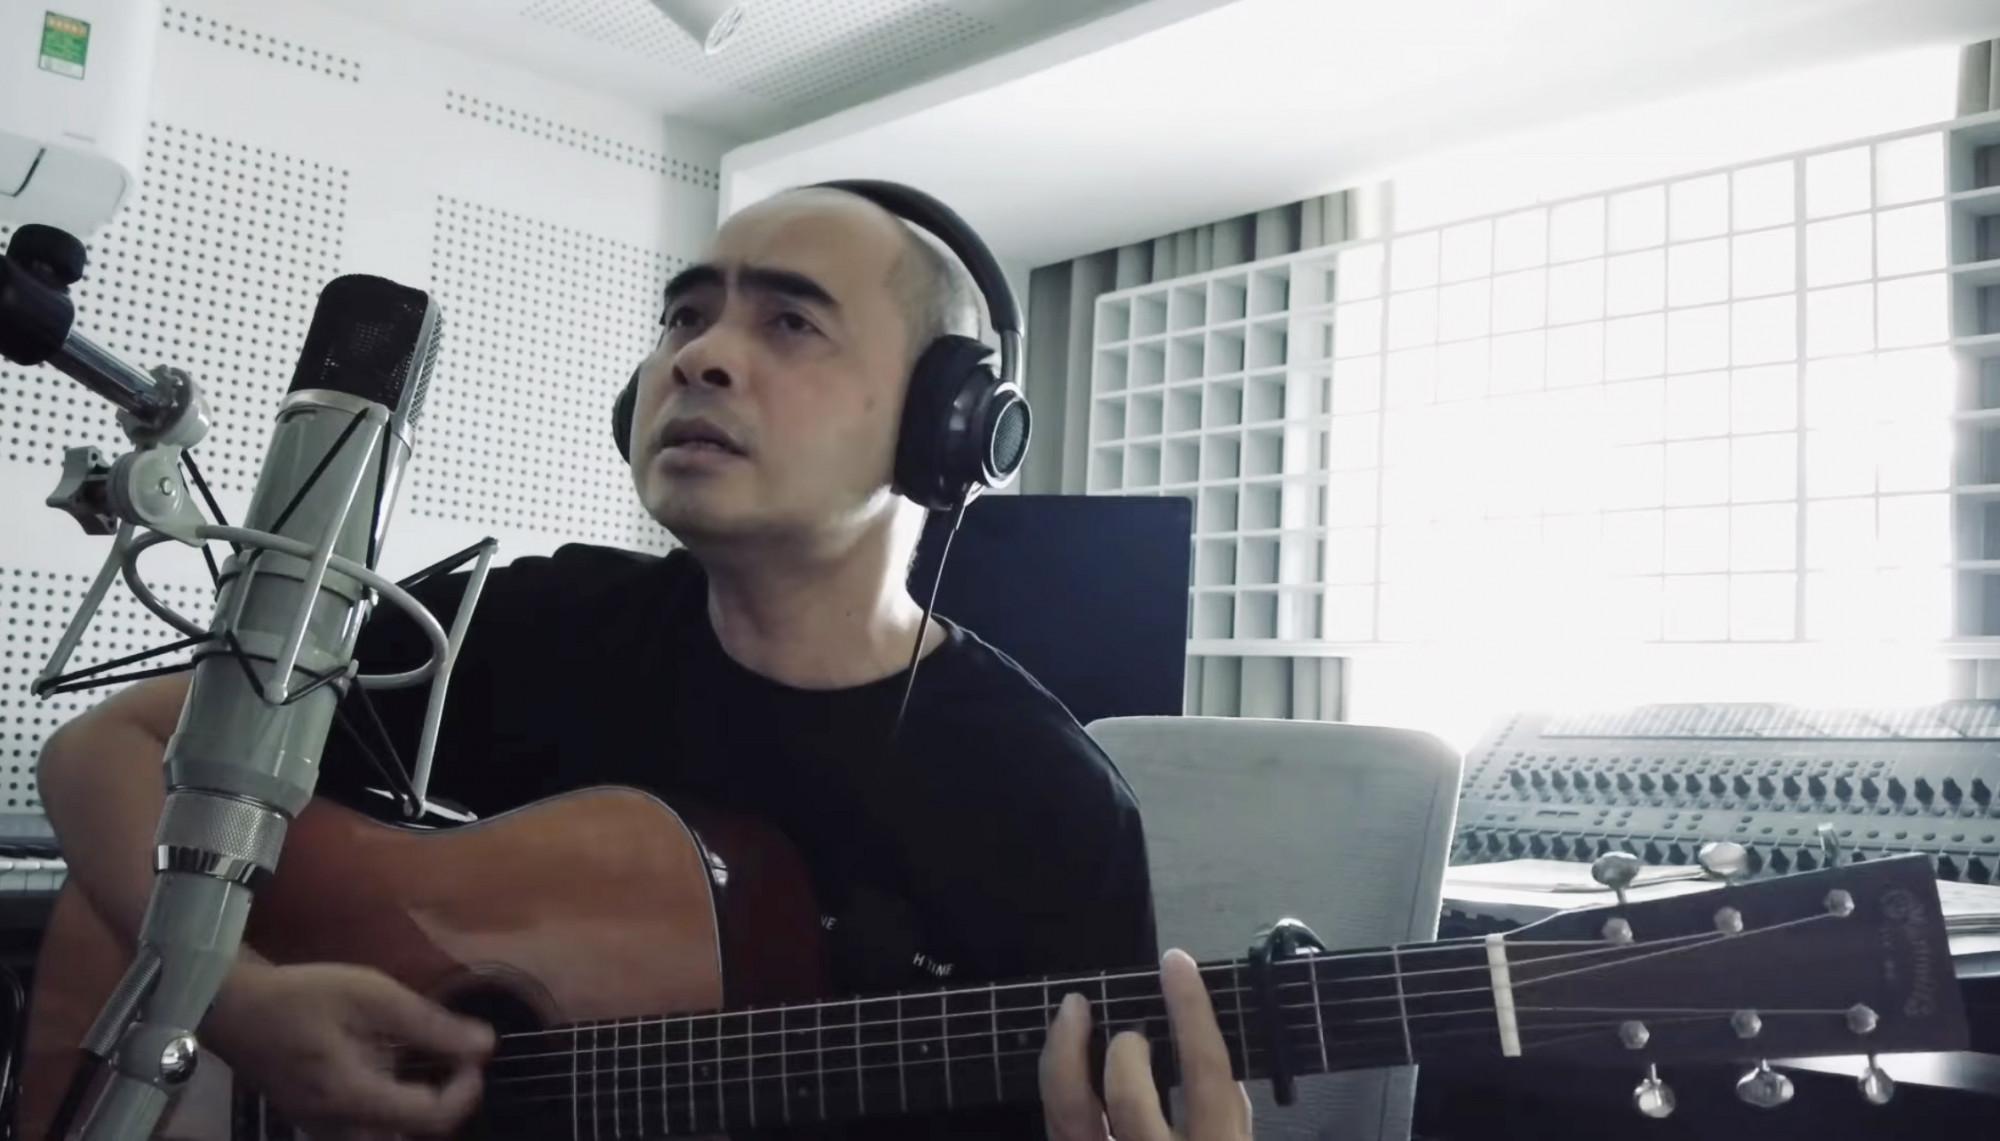 Nhạc sĩ Đức Trí chia sẻ nhiều video thú vị về các ca khúc trong những ngày giãn cách